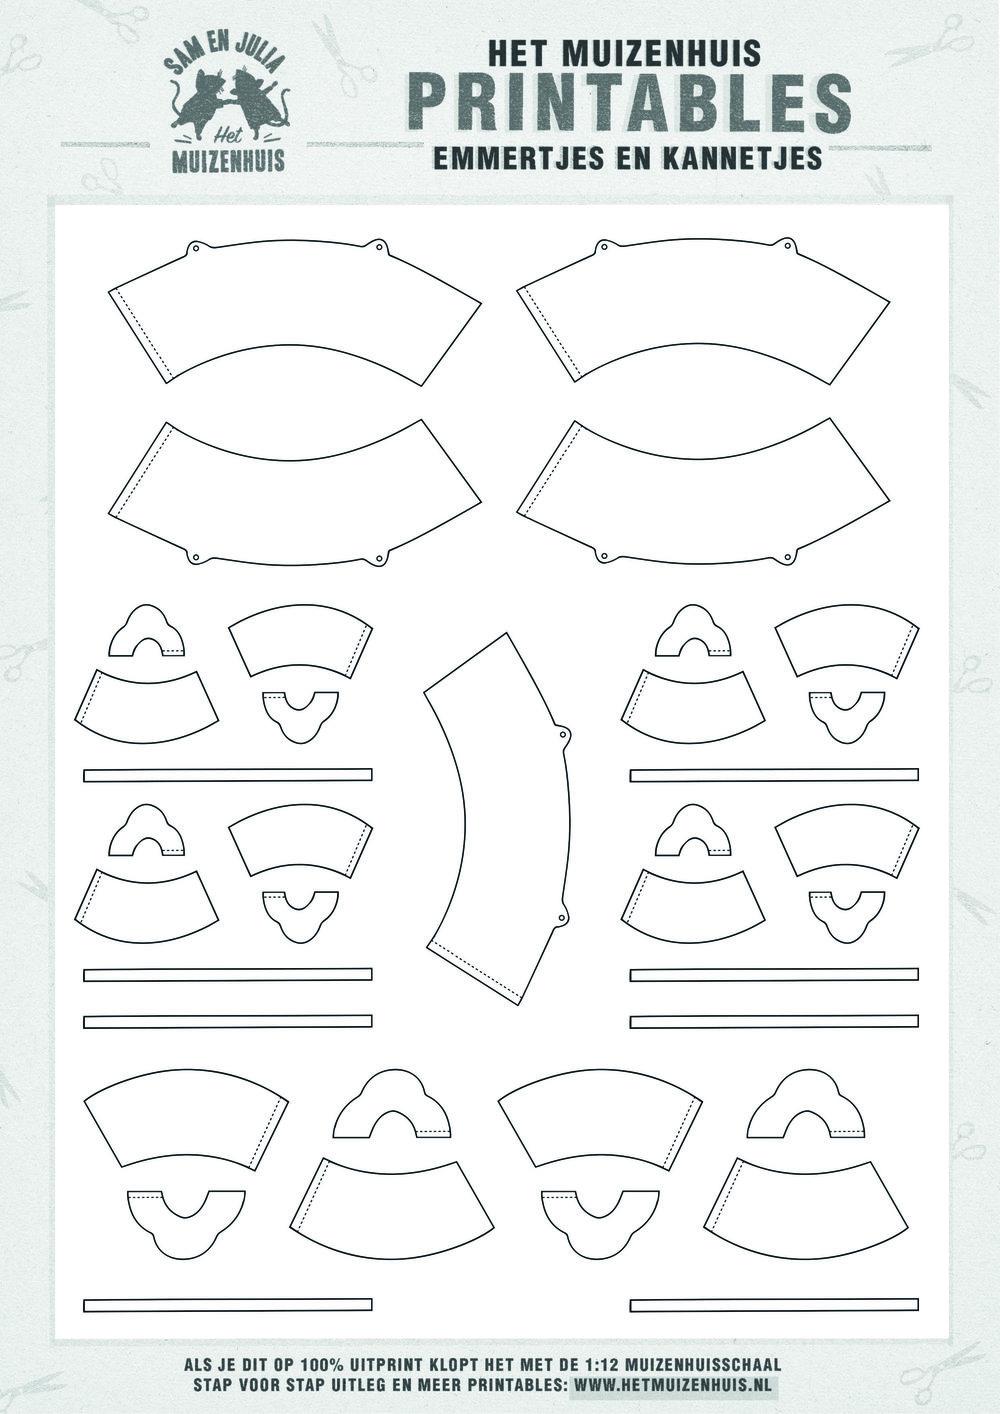 MH printable emmertjes en kannetjes.jpg